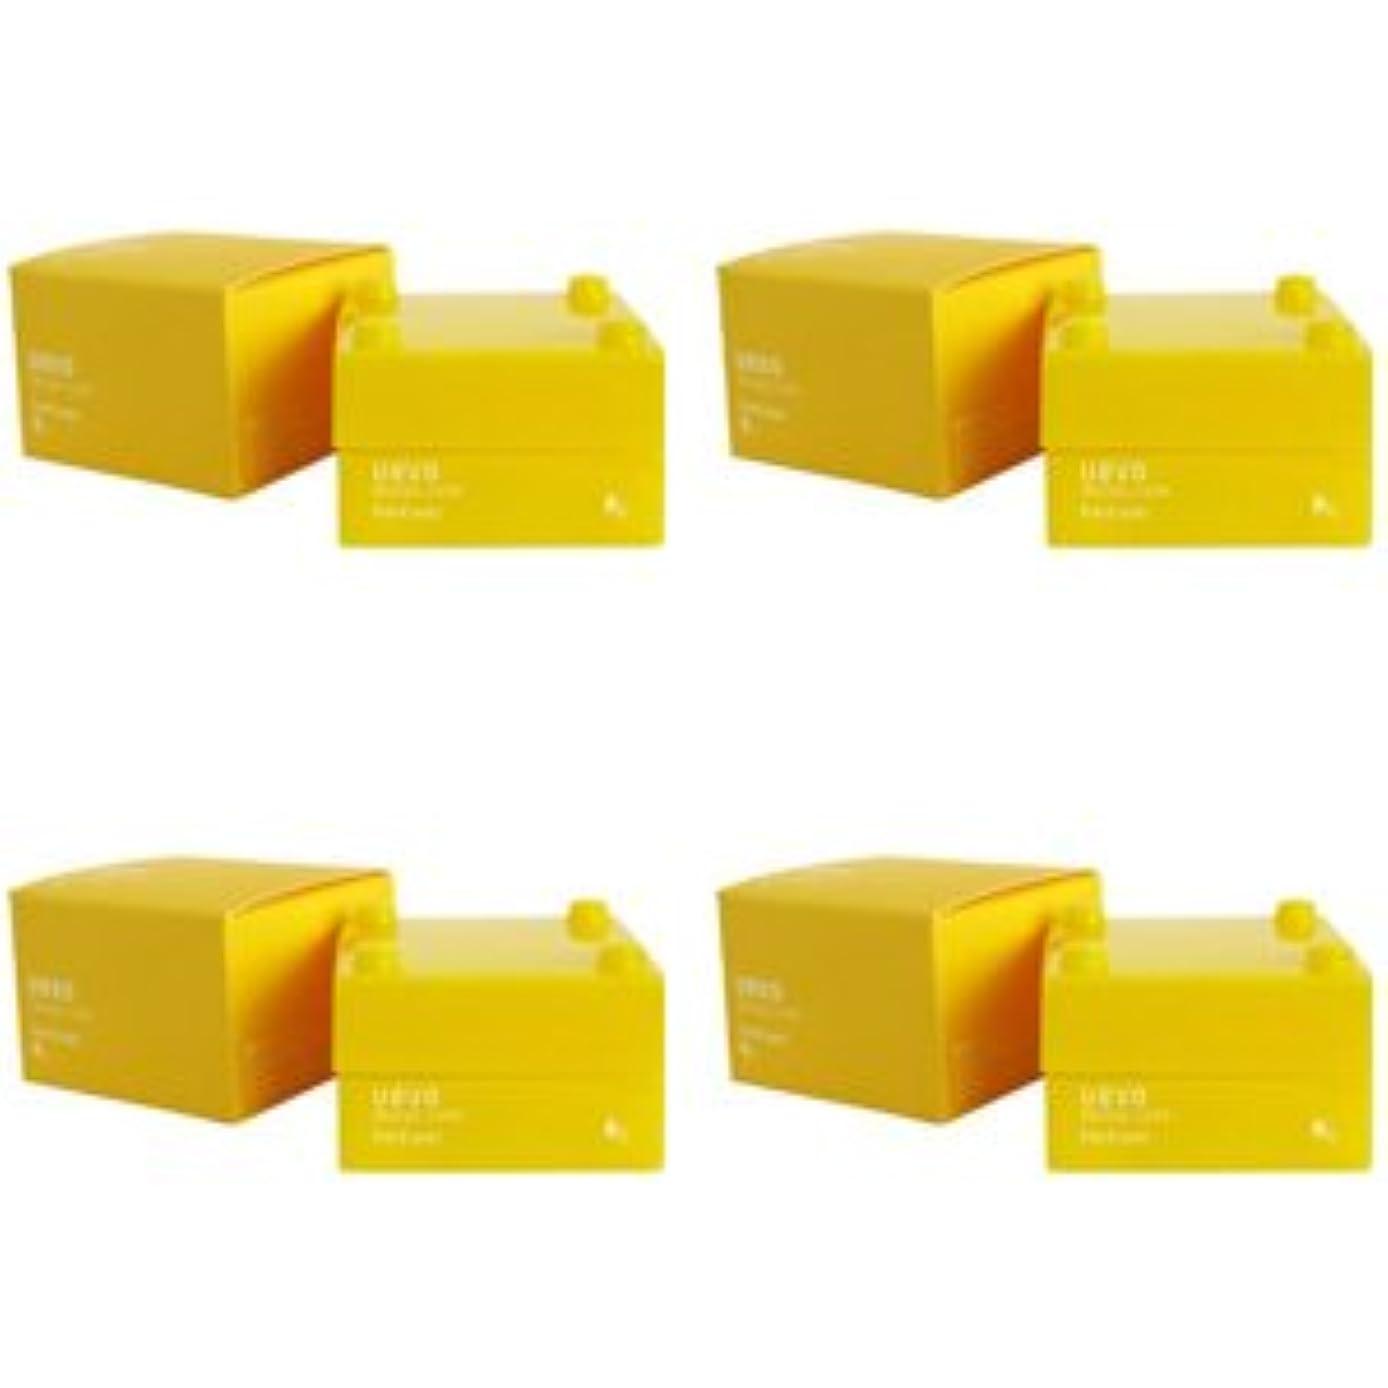 形状排泄物担保【X4個セット】 デミ ウェーボ デザインキューブ ハードワックス 30g hard wax DEMI uevo design cube